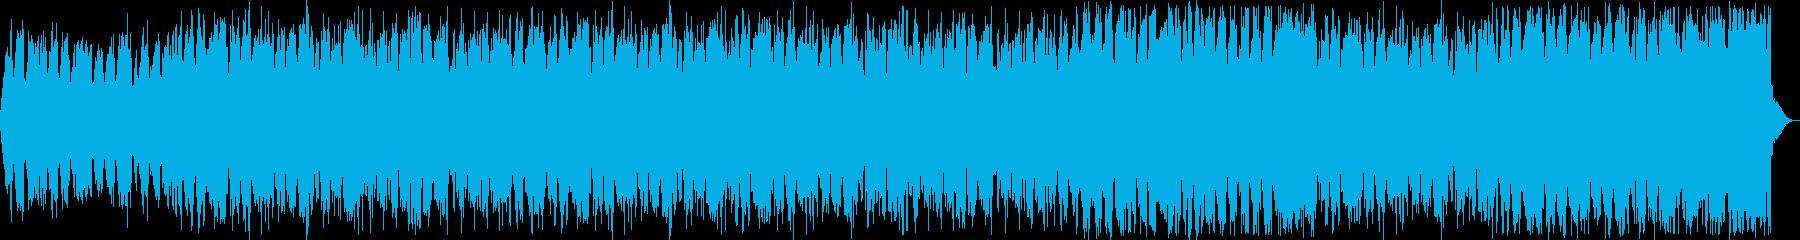 神聖な印象のストリングスサウンドの再生済みの波形